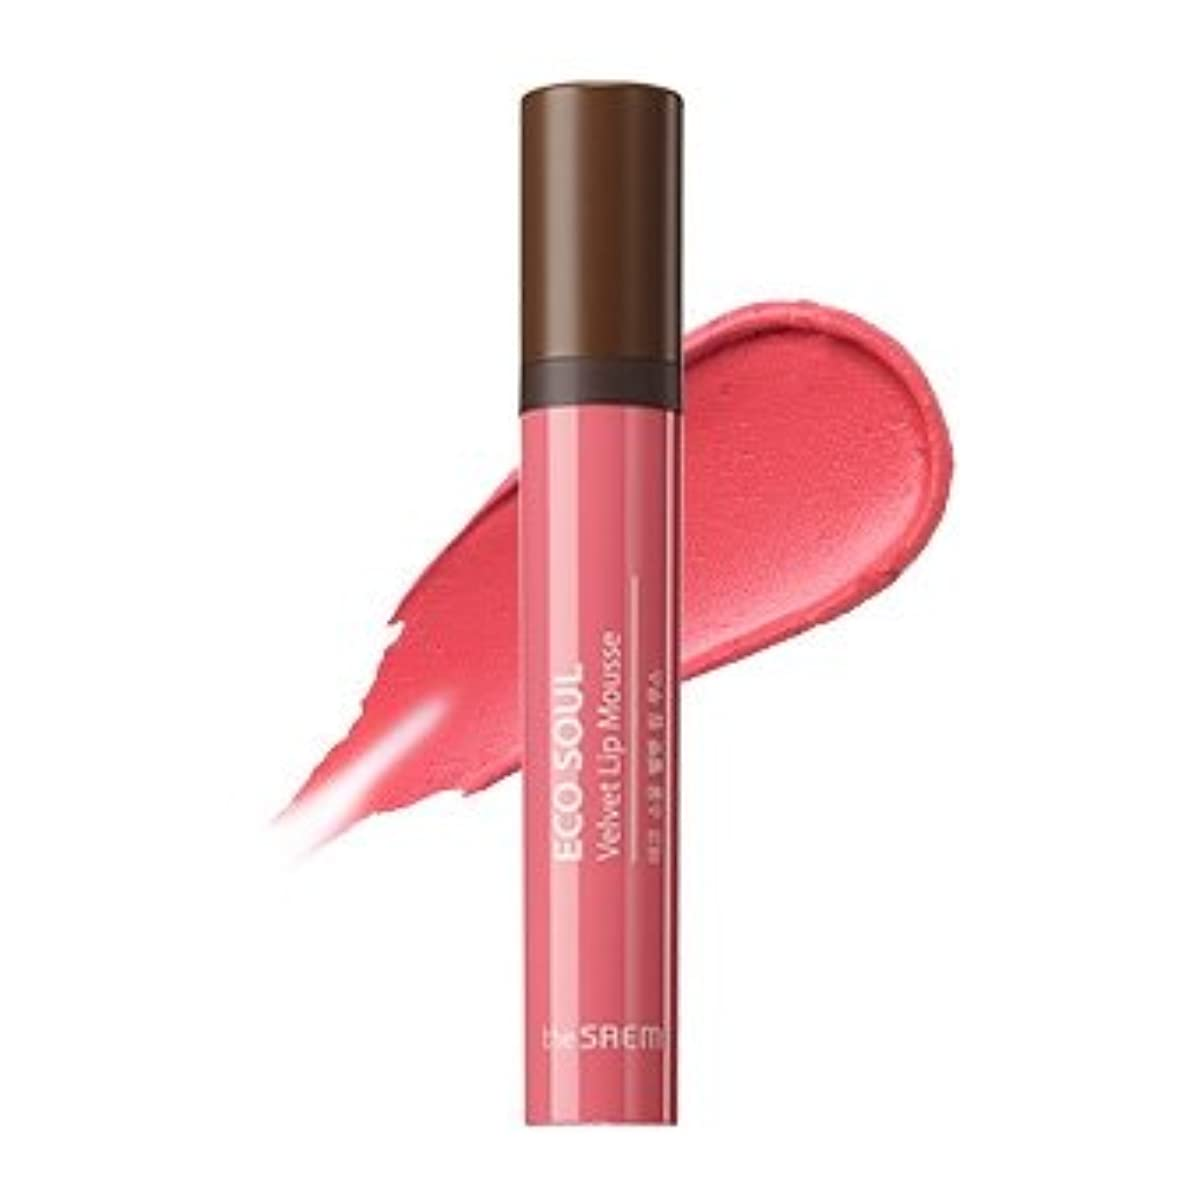 装備するごみ遺跡the SAEM Eco Soul Velvet Lip Mousse 5.5g/ザセム エコ ソウル ベルベット リップ ムース 5.5g (#CR01 Bless You) [並行輸入品]